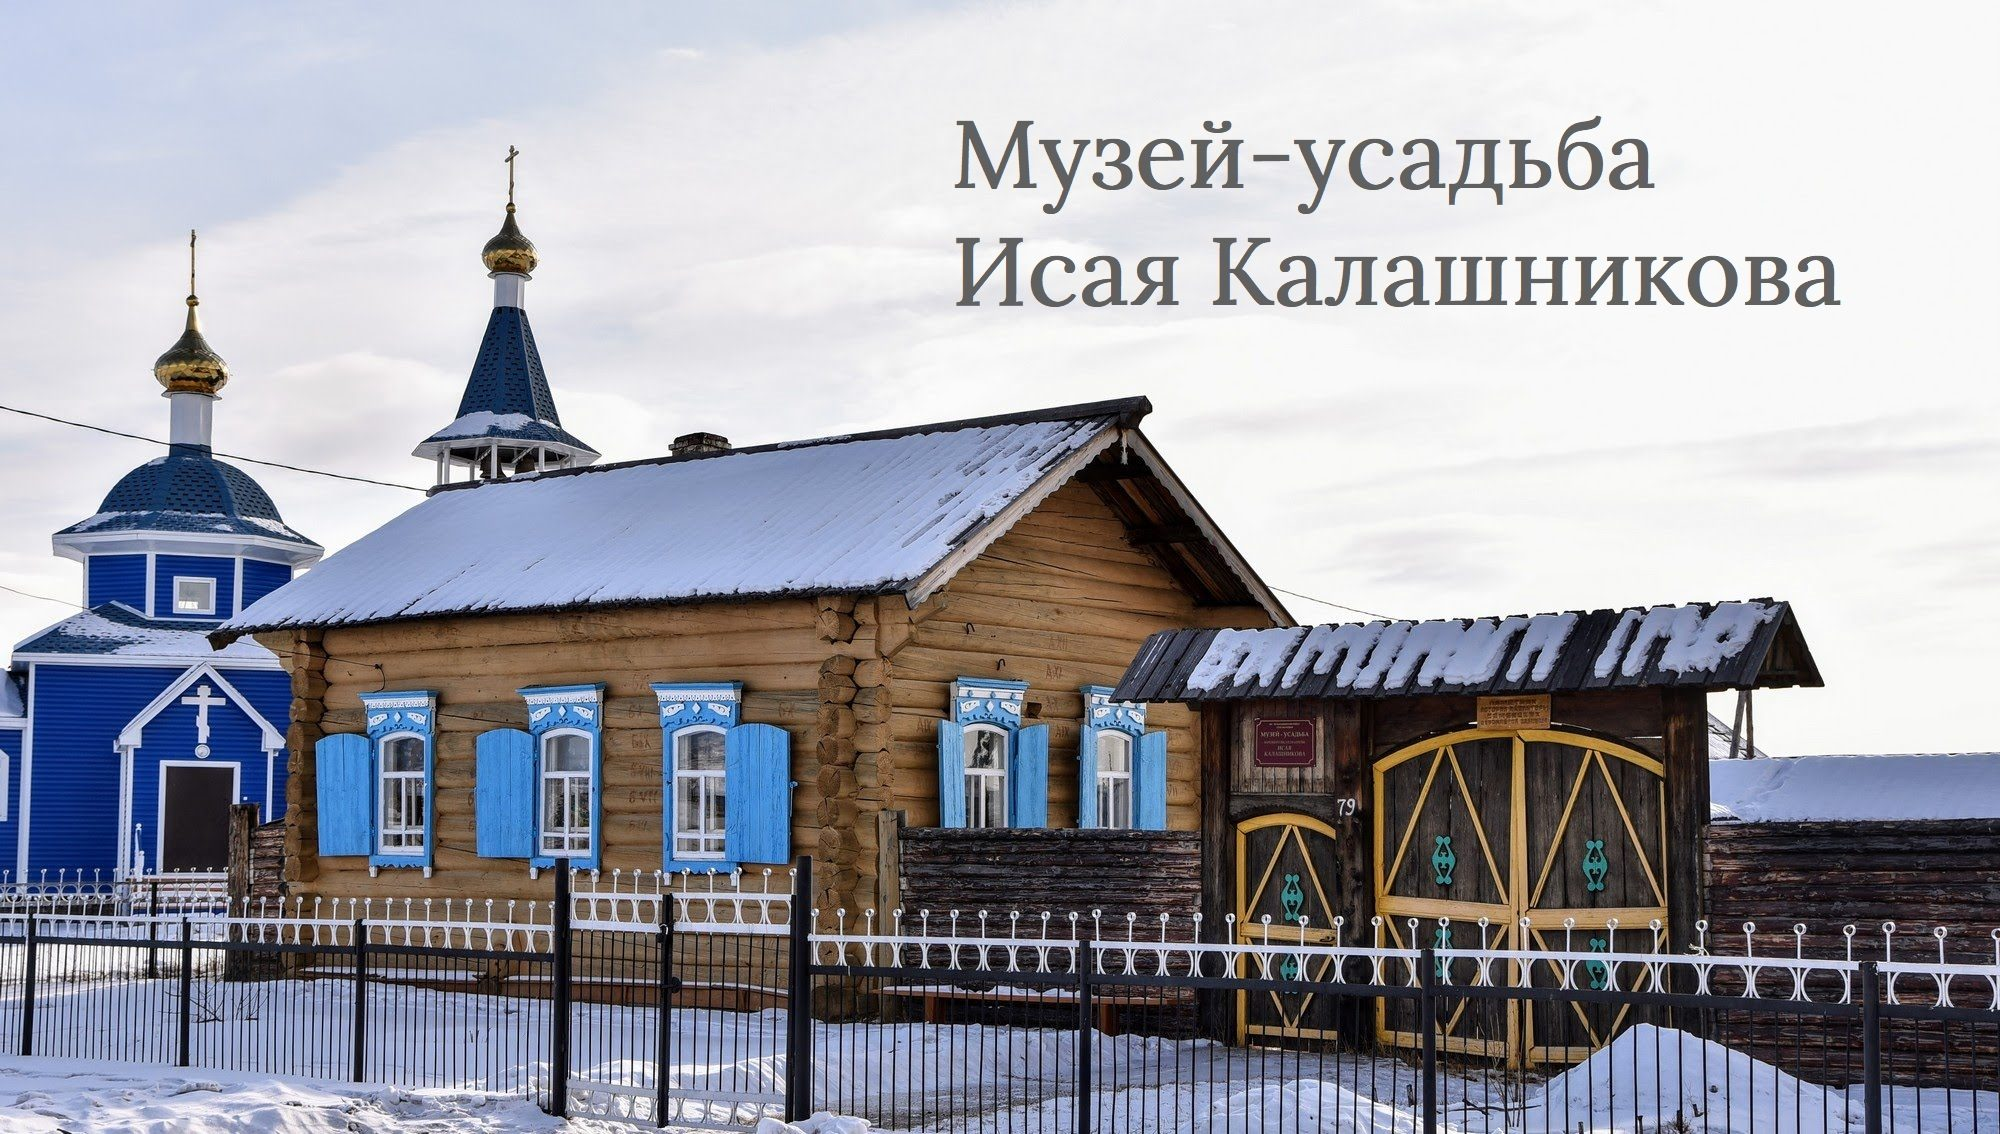 Музей-усадьба Исая Калашникова